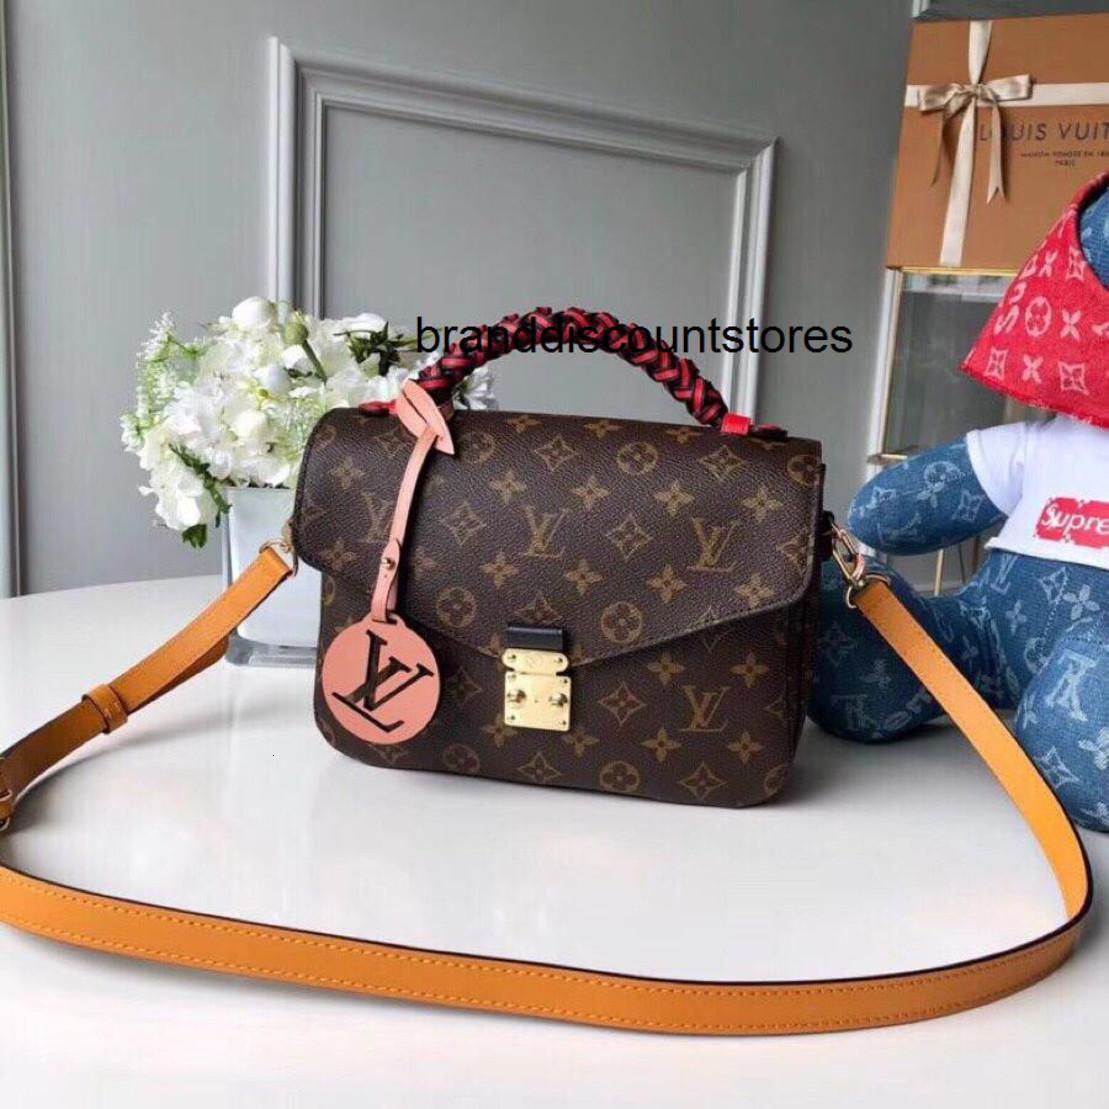 Şimdi L2020 son moda gr # omuz çantası, çanta, sırt çantası, crossbody çantası, bel çantası, cüzdan, seyahat çantaları, üst Qaulity, 0042 mükemmel